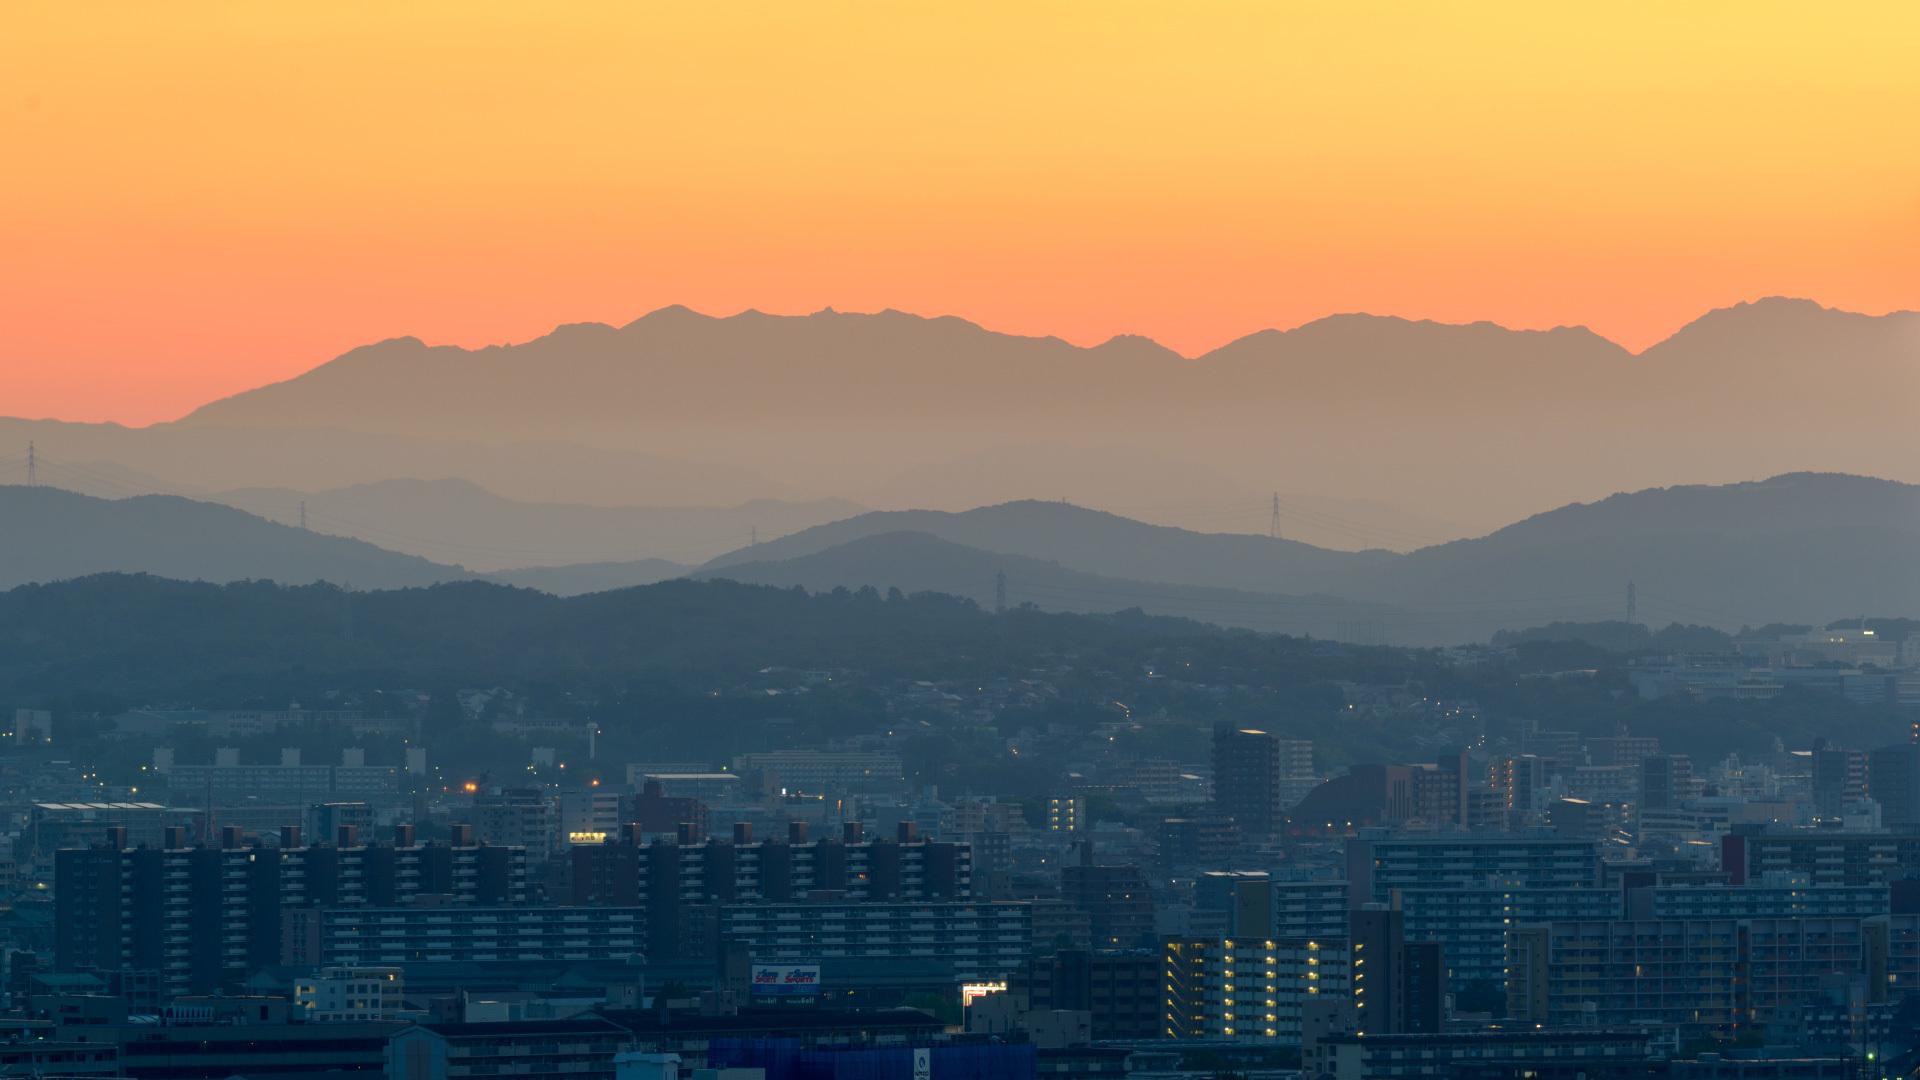 夜明けの山_a0177616_04575183.jpg